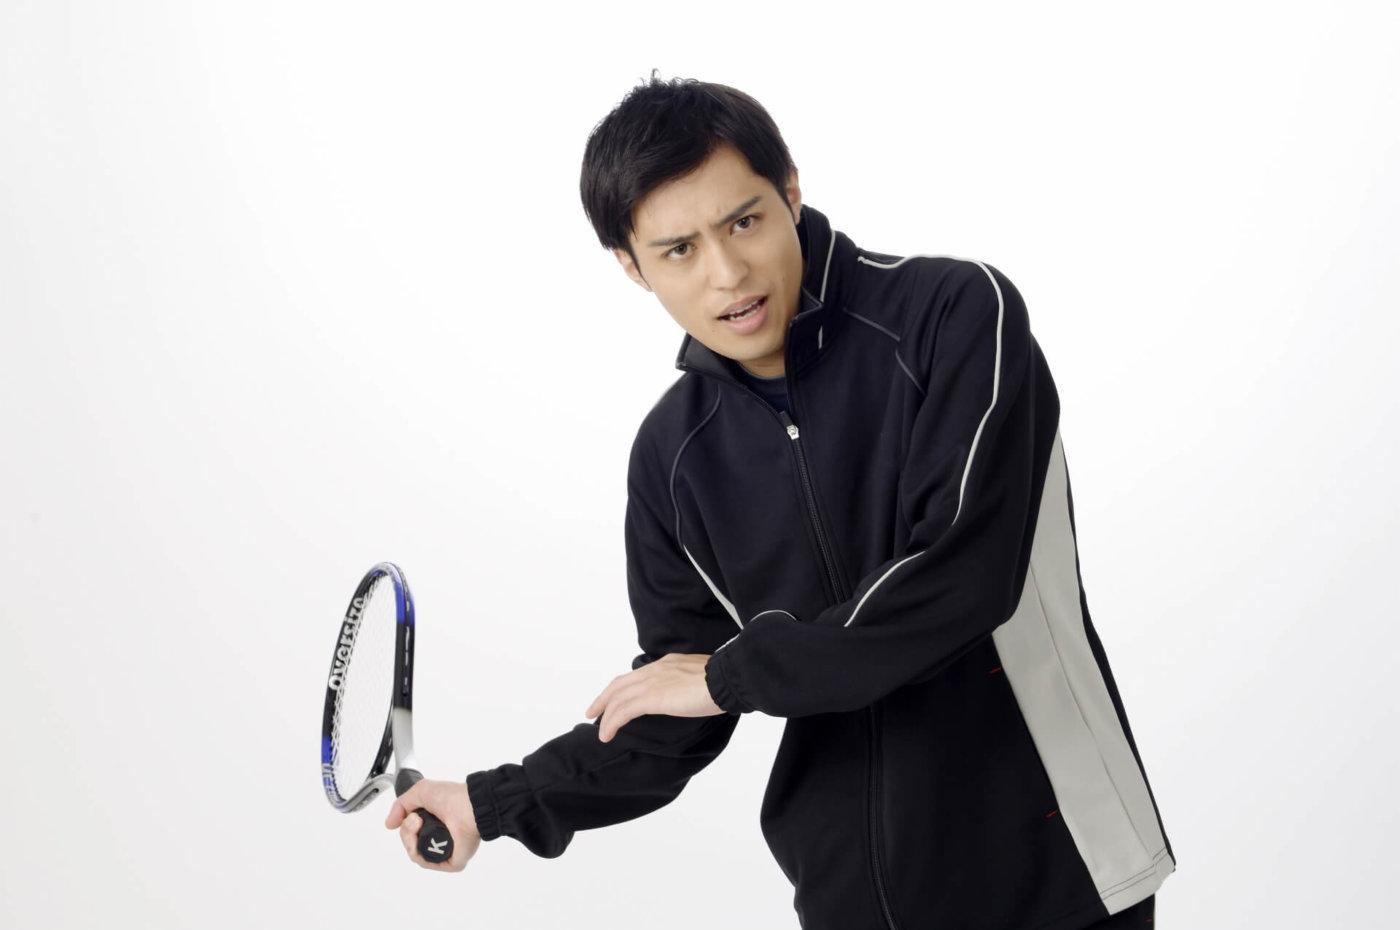 【テニスのコツ】フォアハンドを上達させたい!